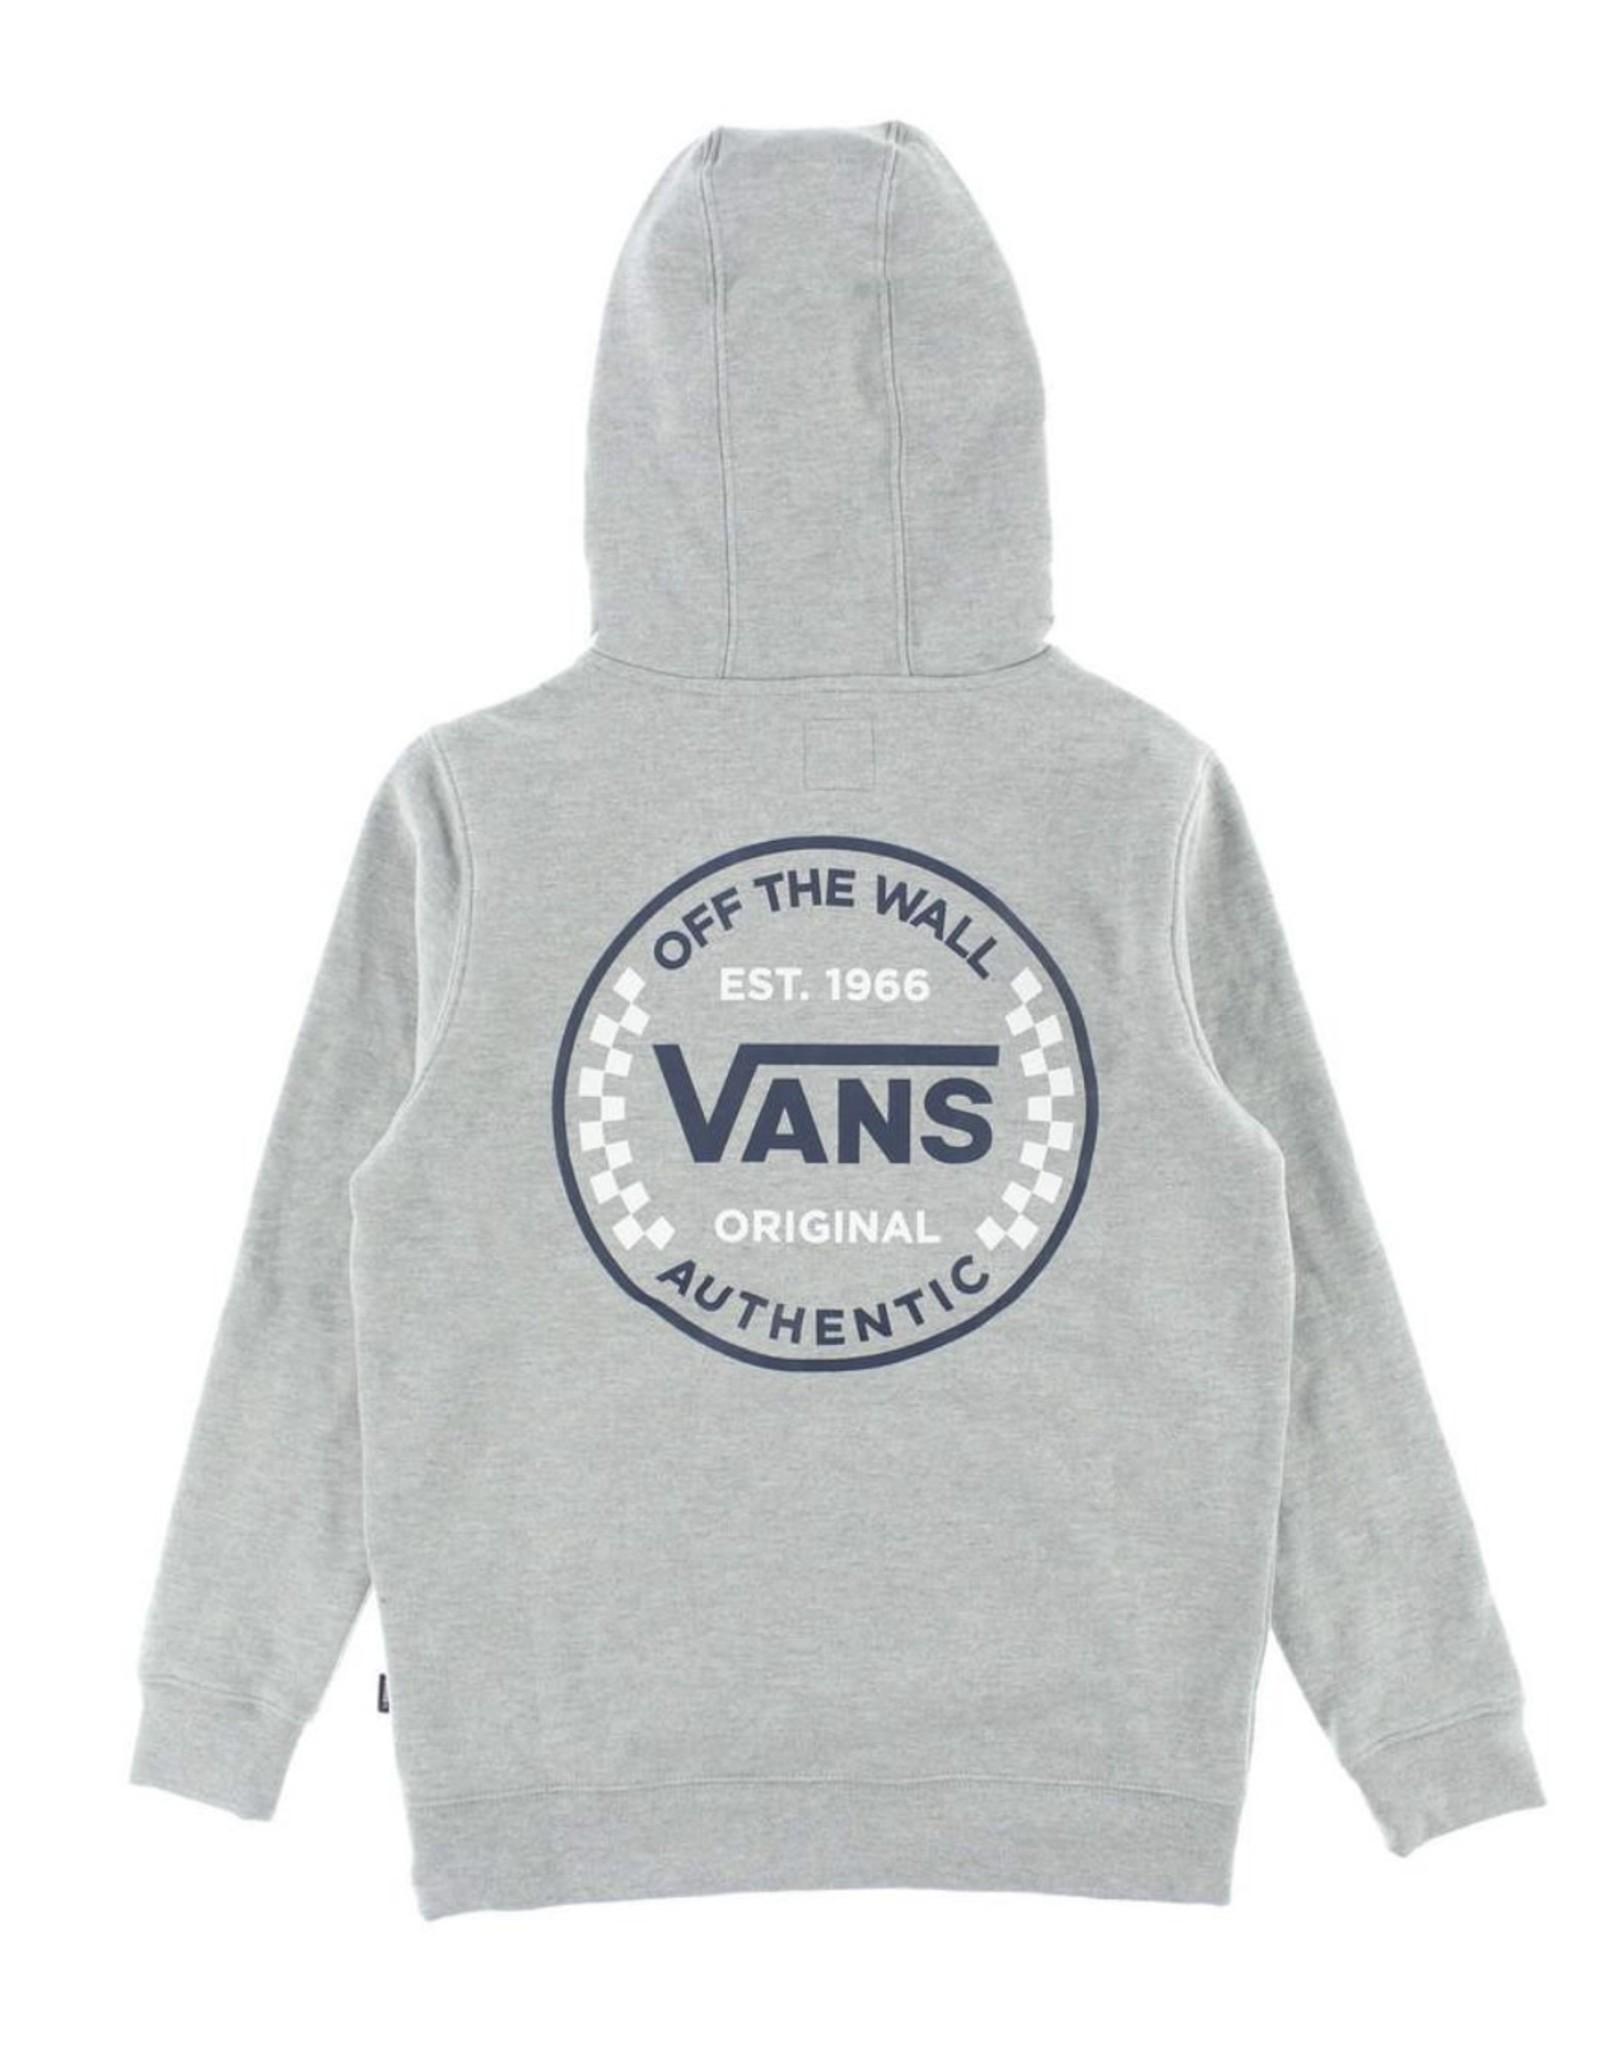 Vans Authentic Check